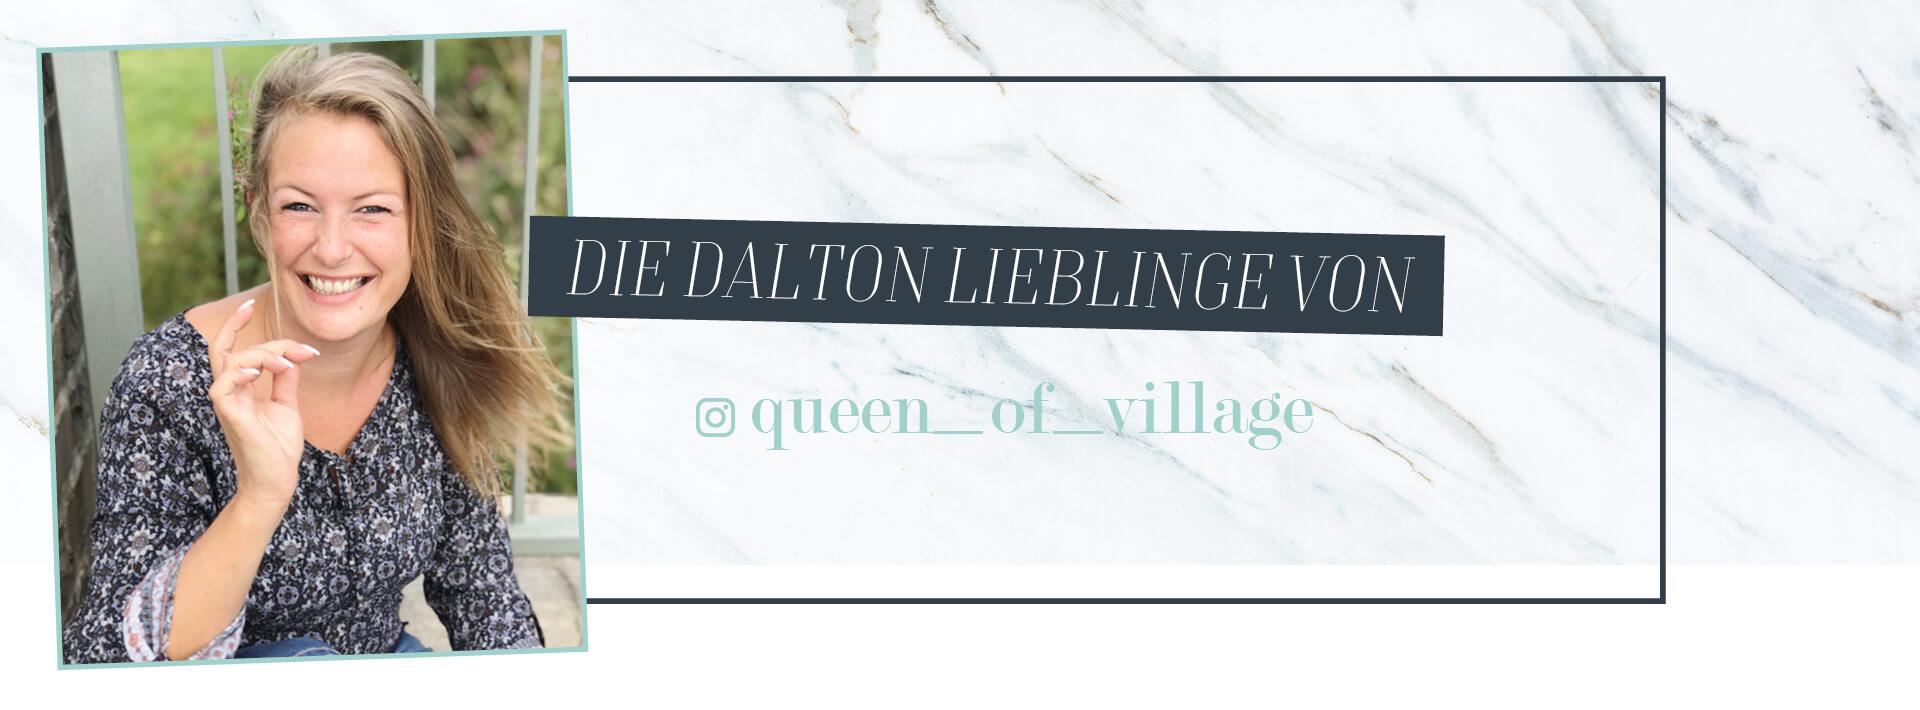 Die DALTON Lieblingsprodukte von queen_of_village